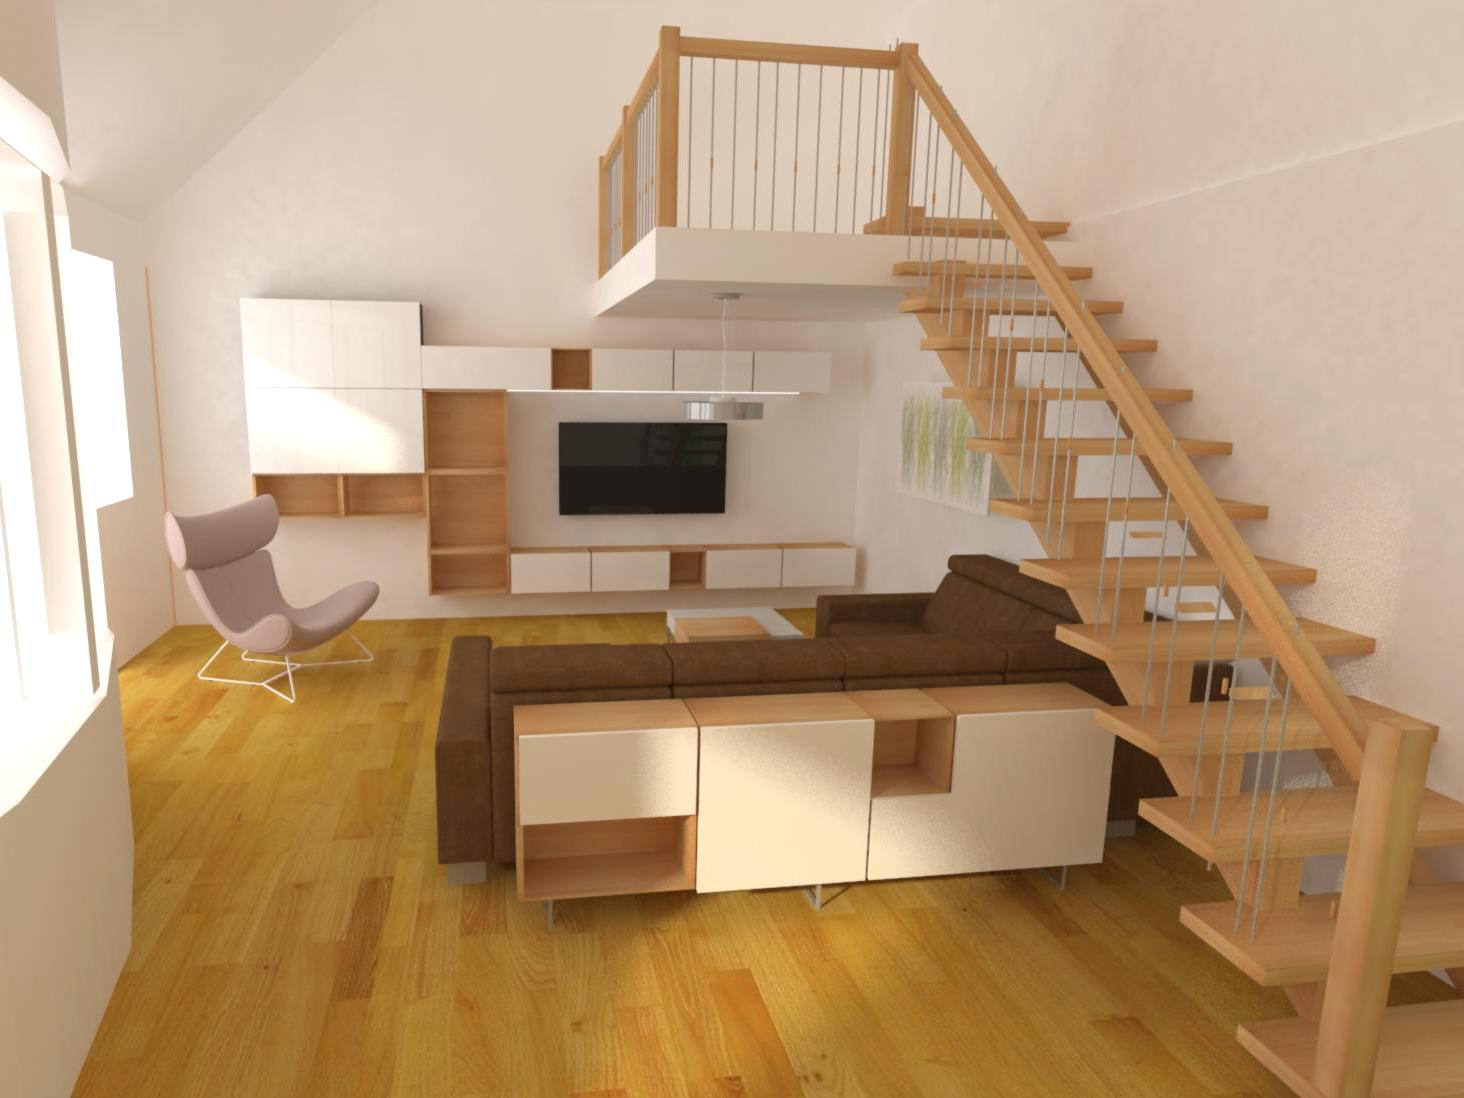 Obývací pokoj v mezonetovém bytě